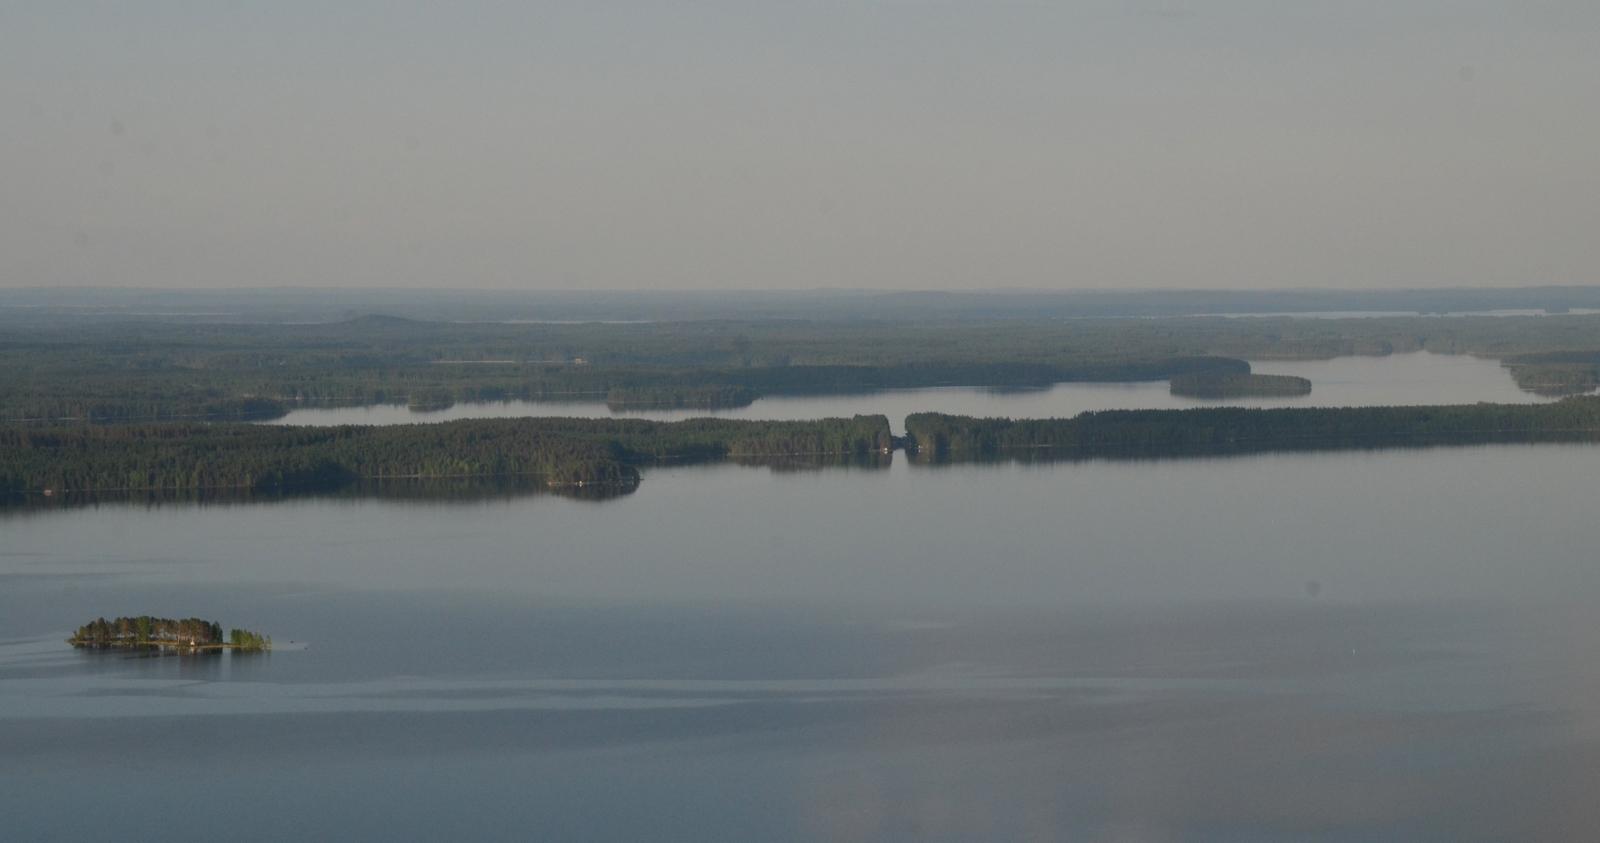 Neituria lähestyttäessä näkyy idässä Kiesimän kanava ja Kiesimäjärvi kannaksen takana.